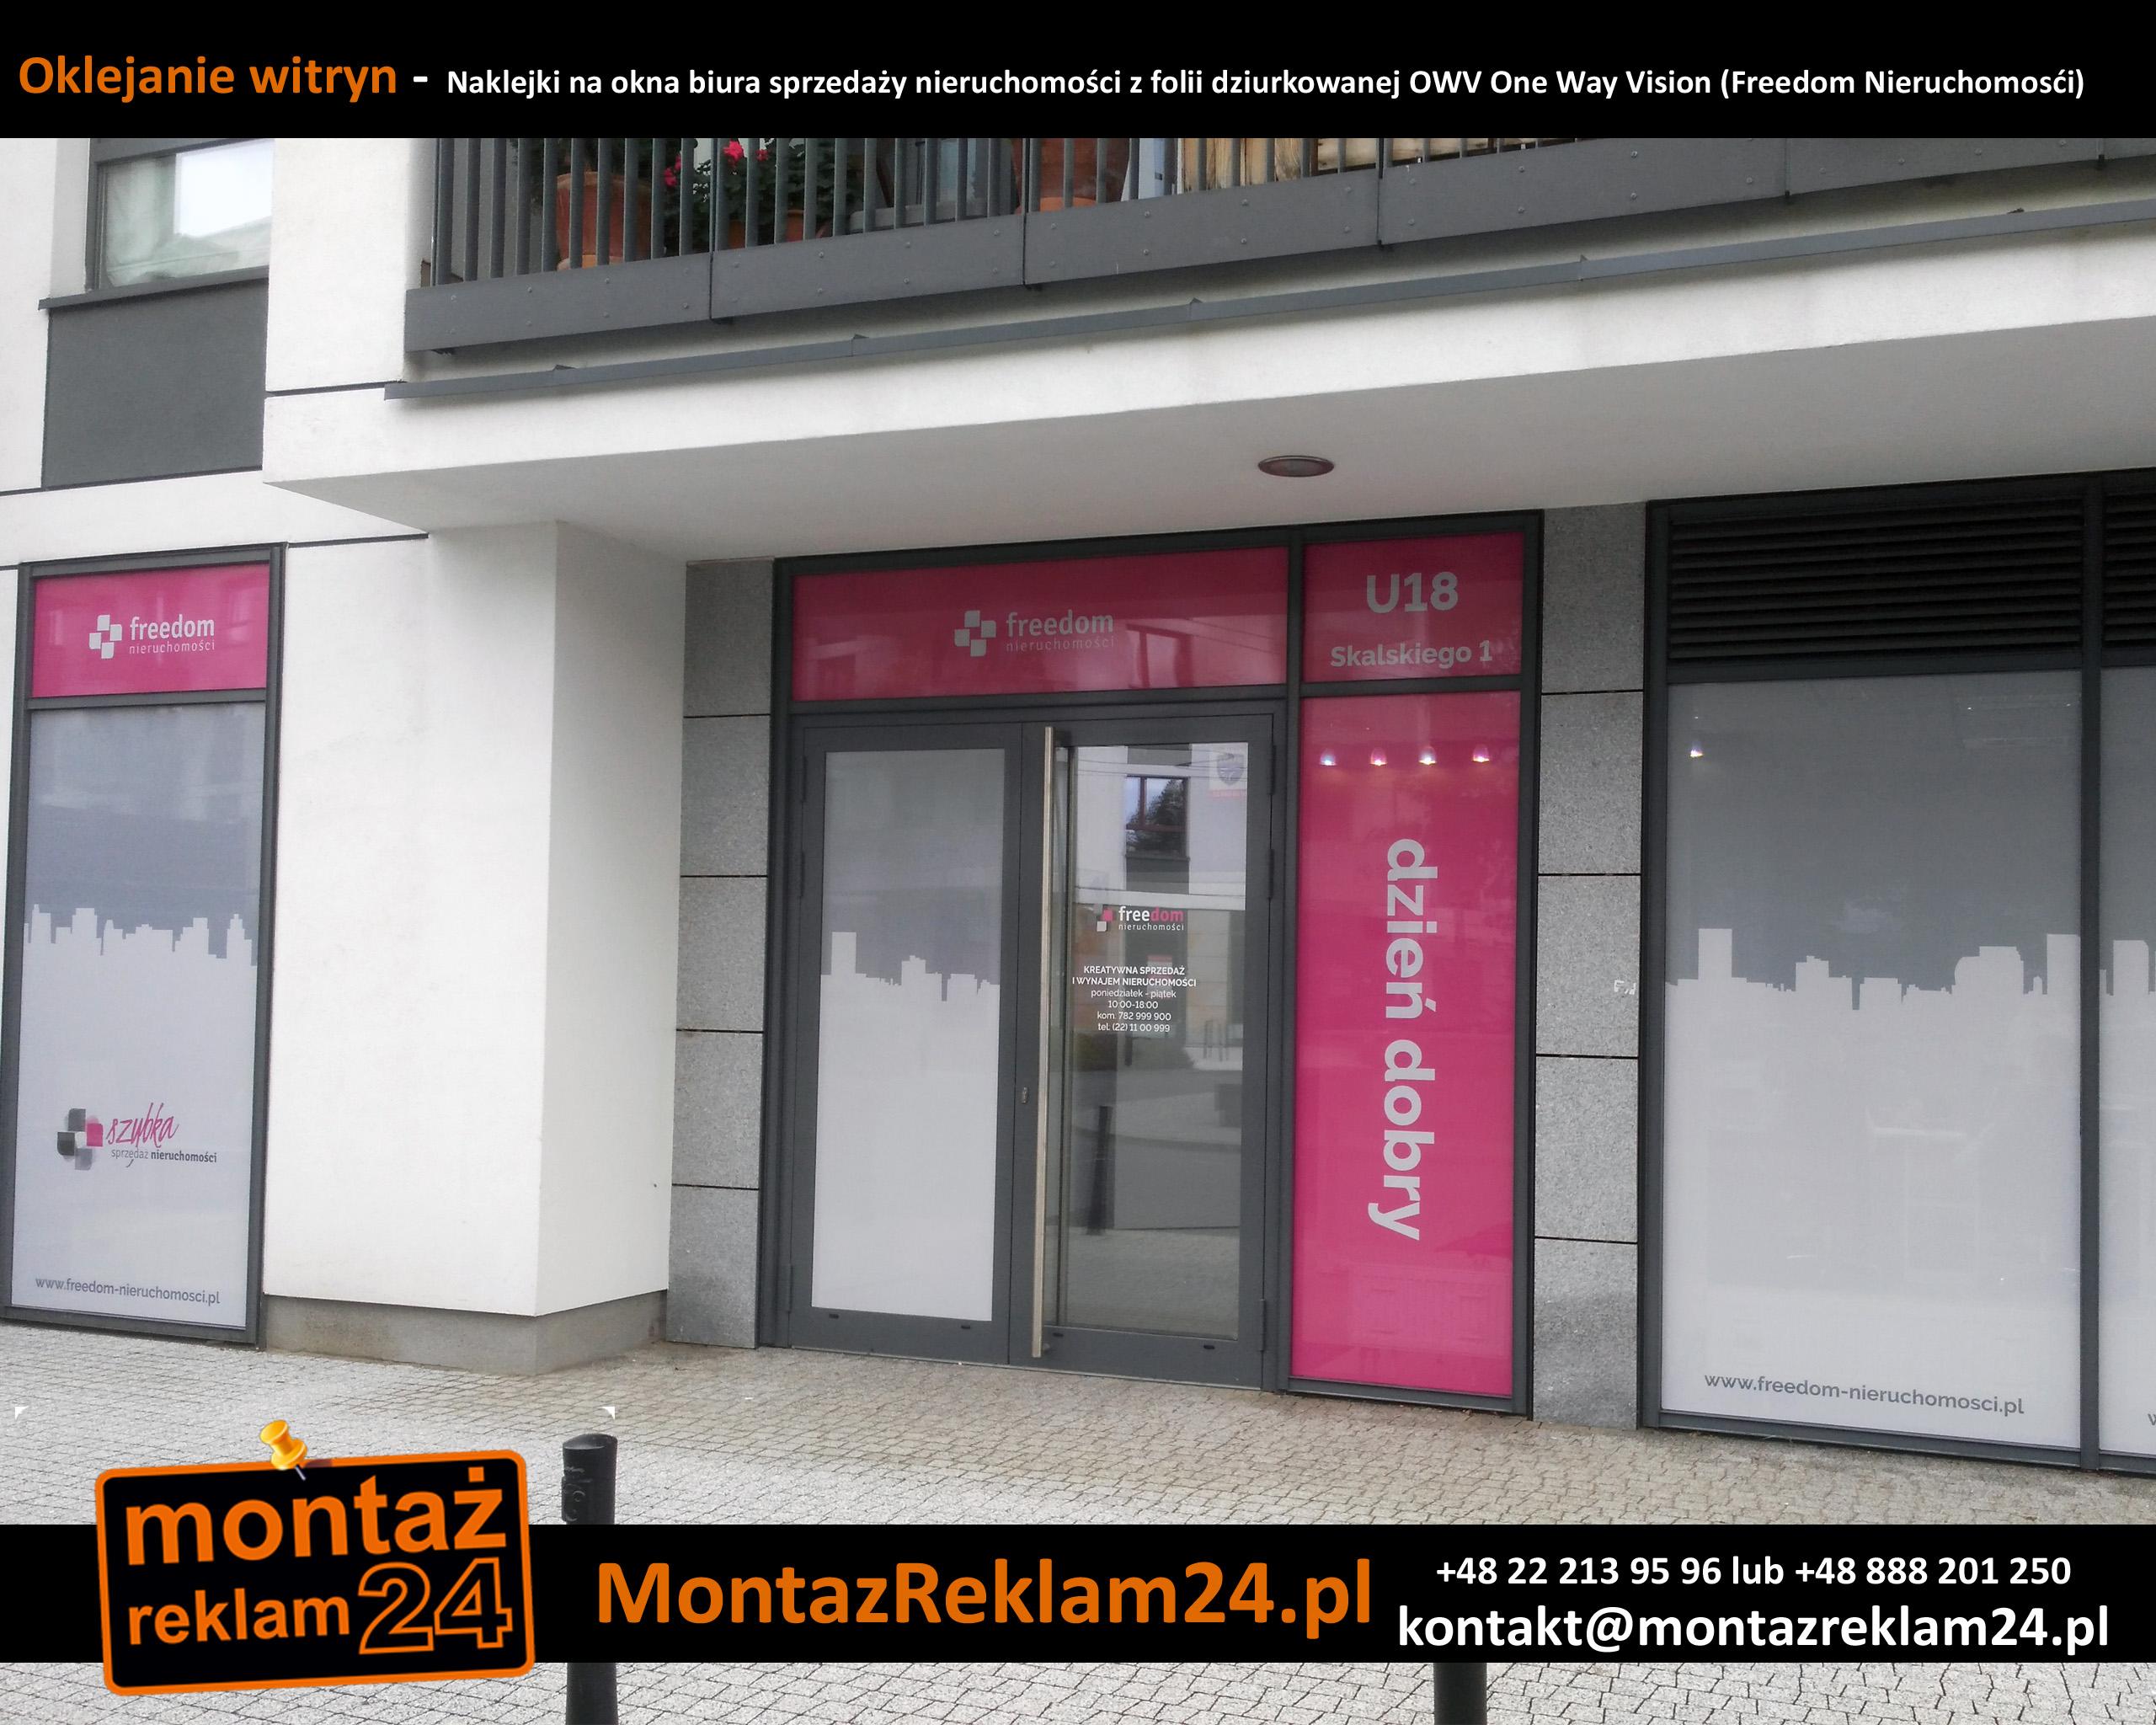 Oklejanie witryn -  Naklejki na okna biura sprzedaży nieruchomości z folii dziurkowanej OWV One Way Vision (Freedom Nieruchomosći).jpg